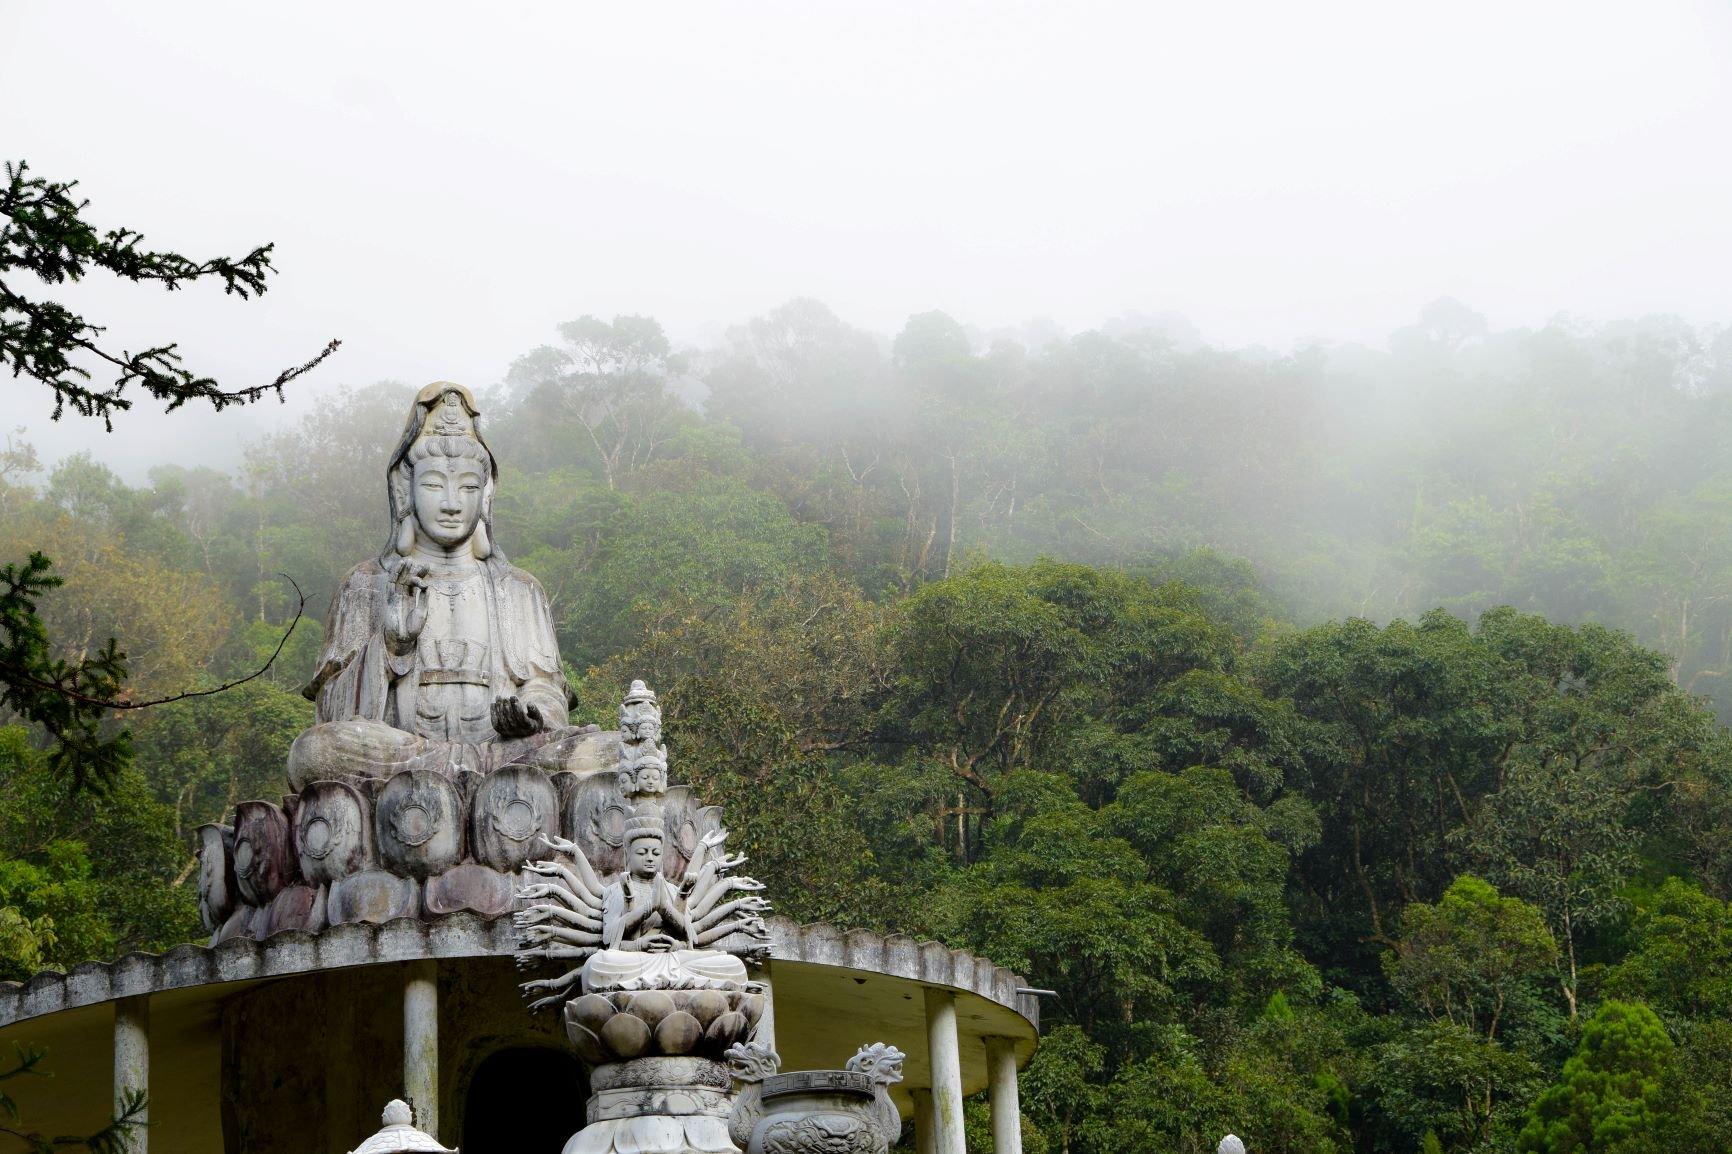 bức tượng Phật Thích Ca Mâu Ni đang thiền định trên một ngọn đồi cao 24 mét